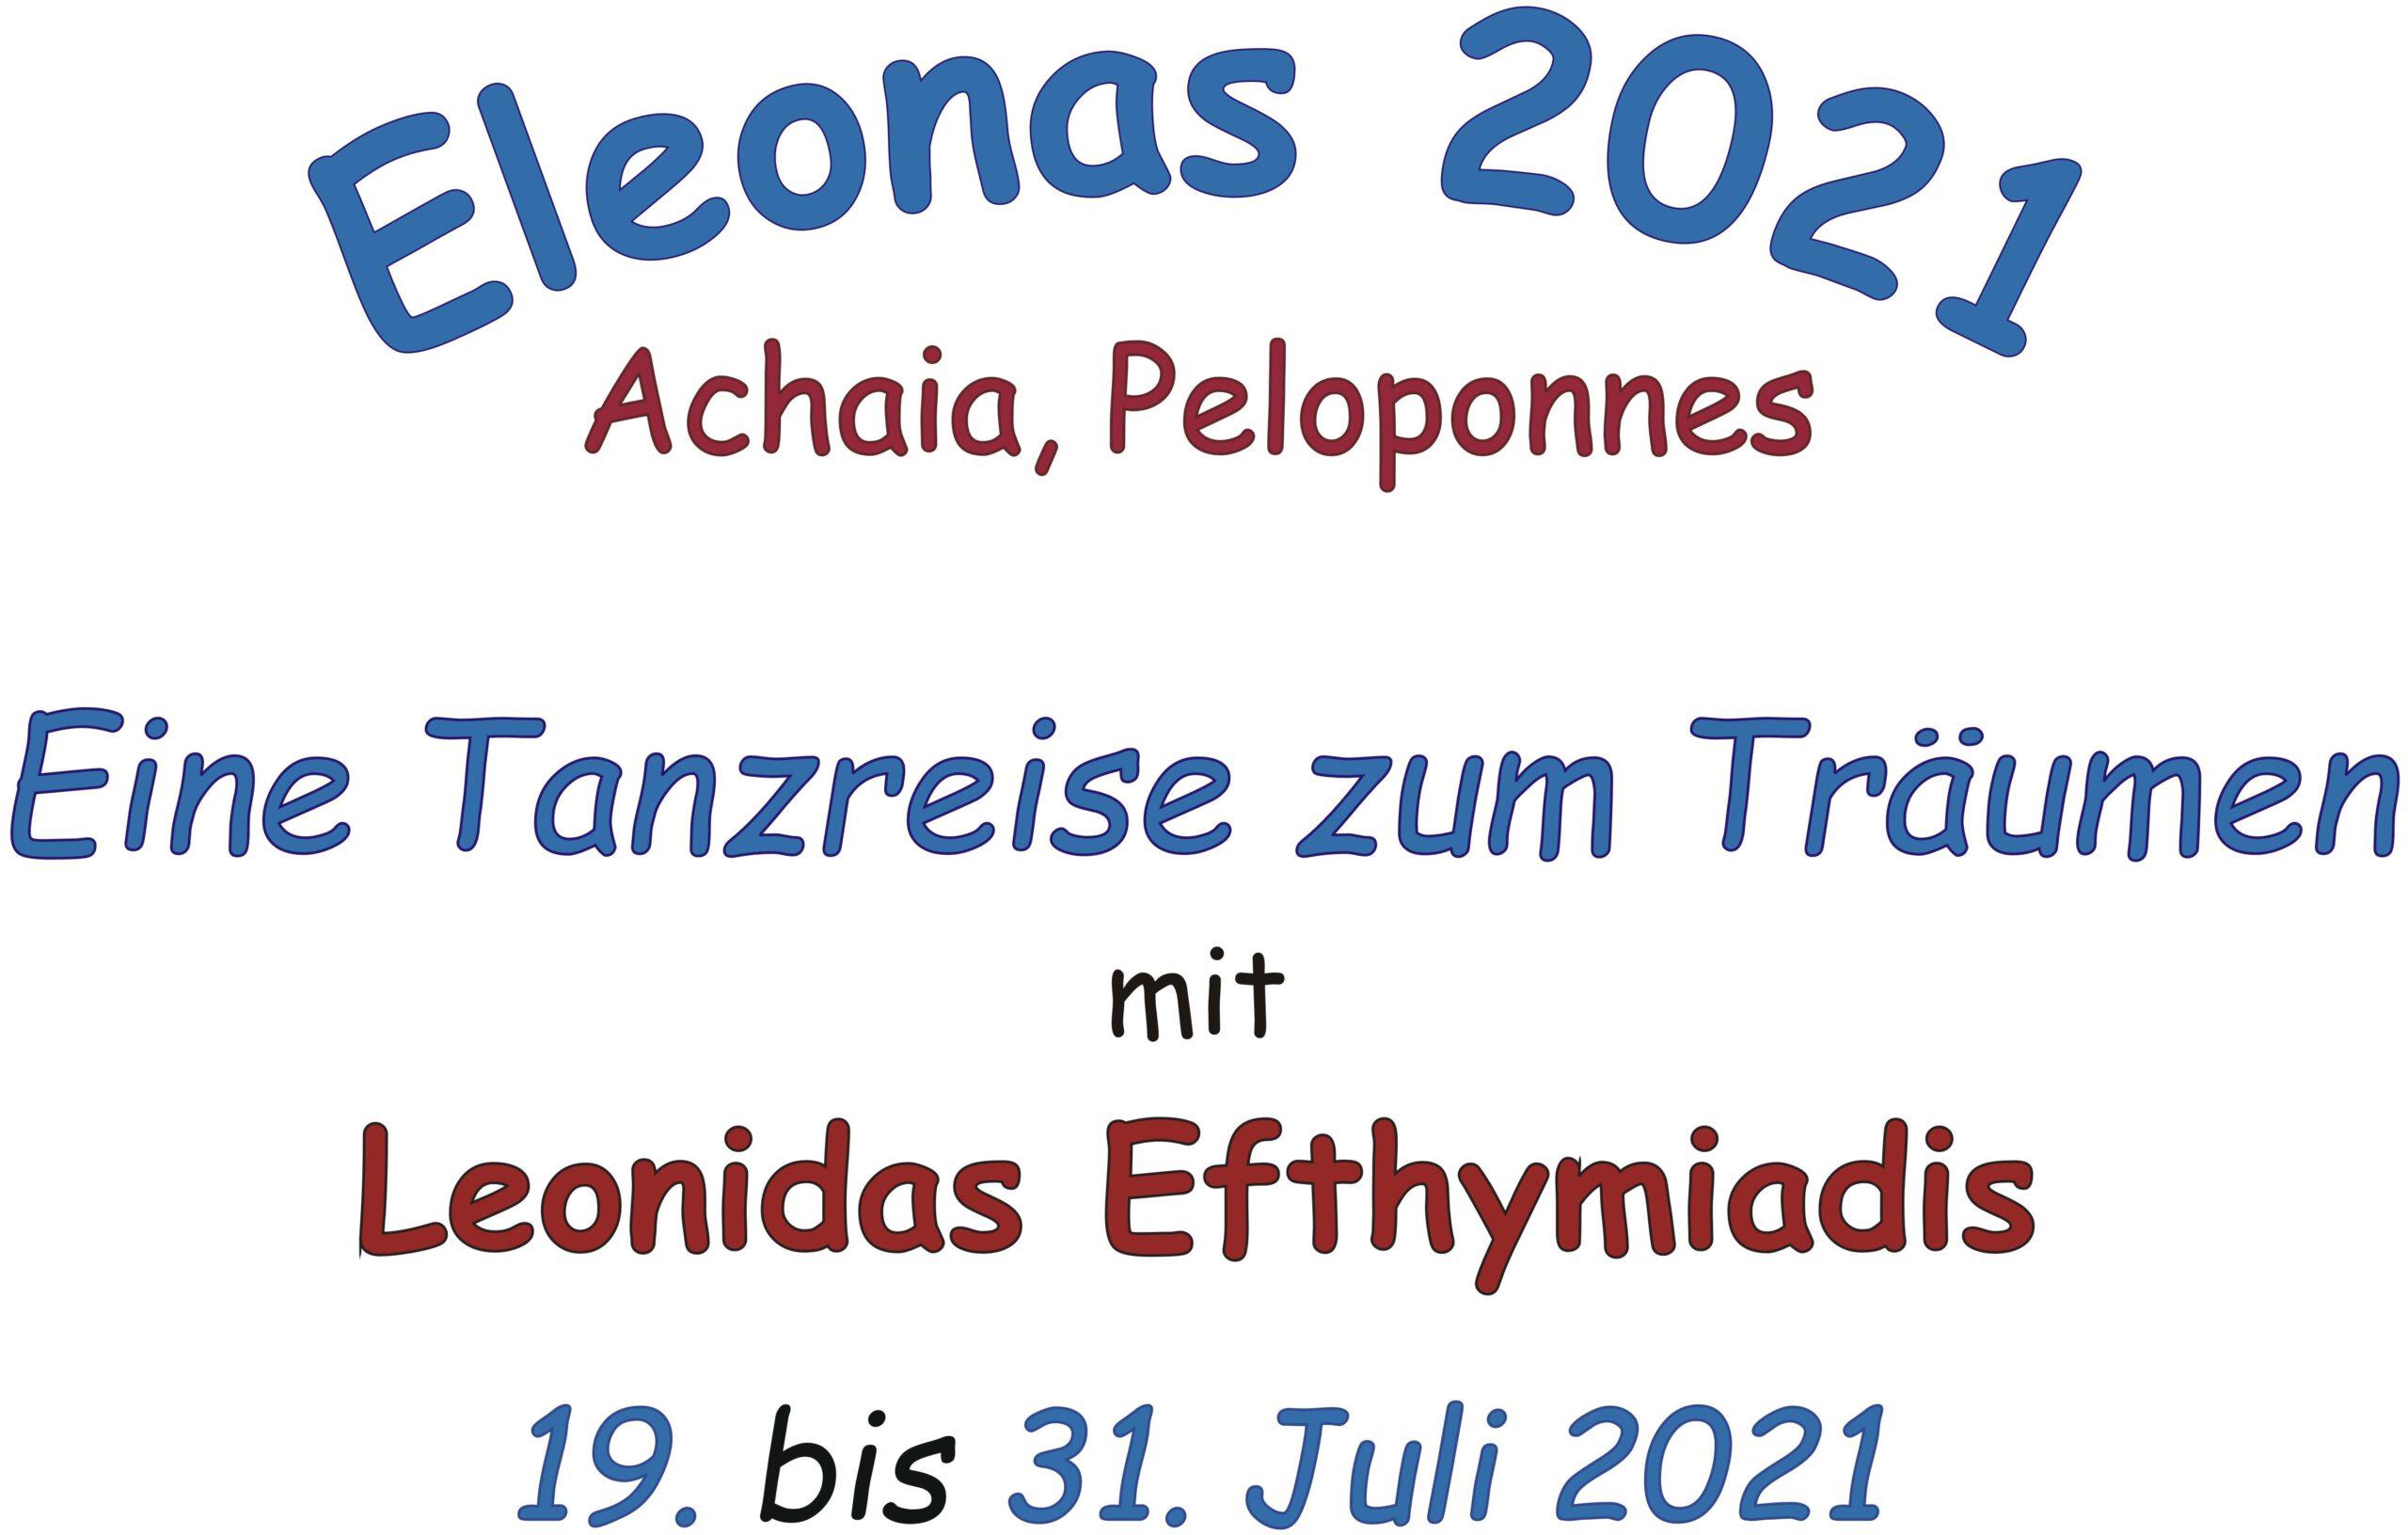 """Tanzreise """"Eleonas 2021"""" @ Eleonas, Achaia-Peloponnes"""